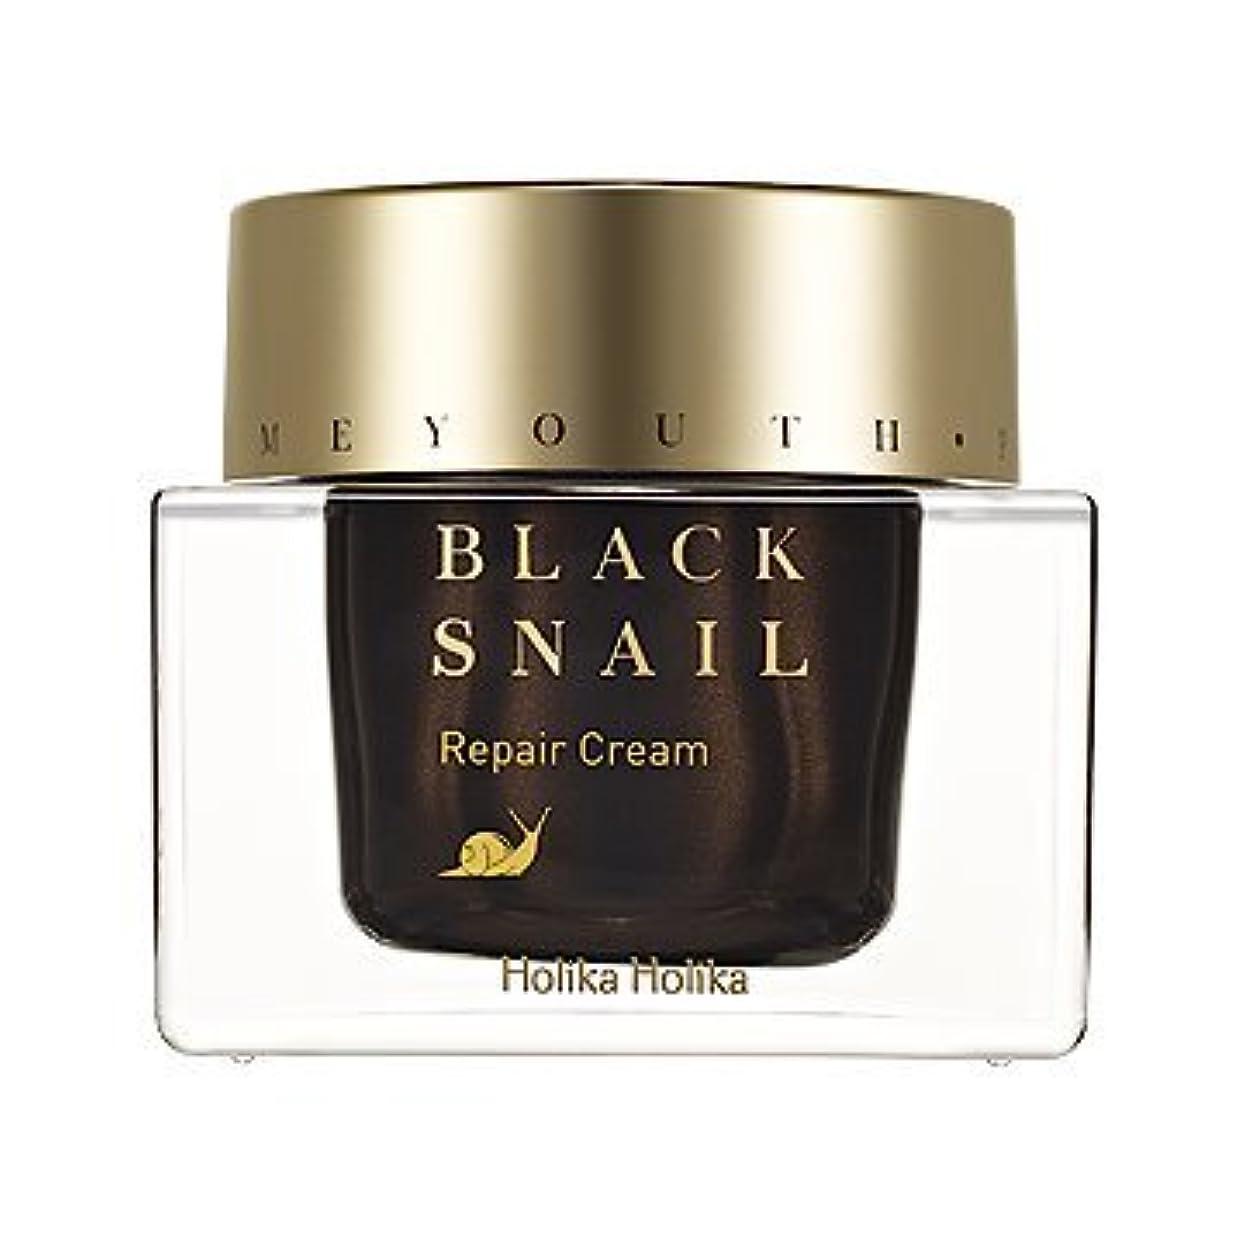 権限を与えるみぞれ有効HolikaHolika(ホリカホリカ) Prime Youth Black Snail Repair Cream プライムユースブラックスネイルクリーム カタツムリ エスカルゴ [並行輸入品]